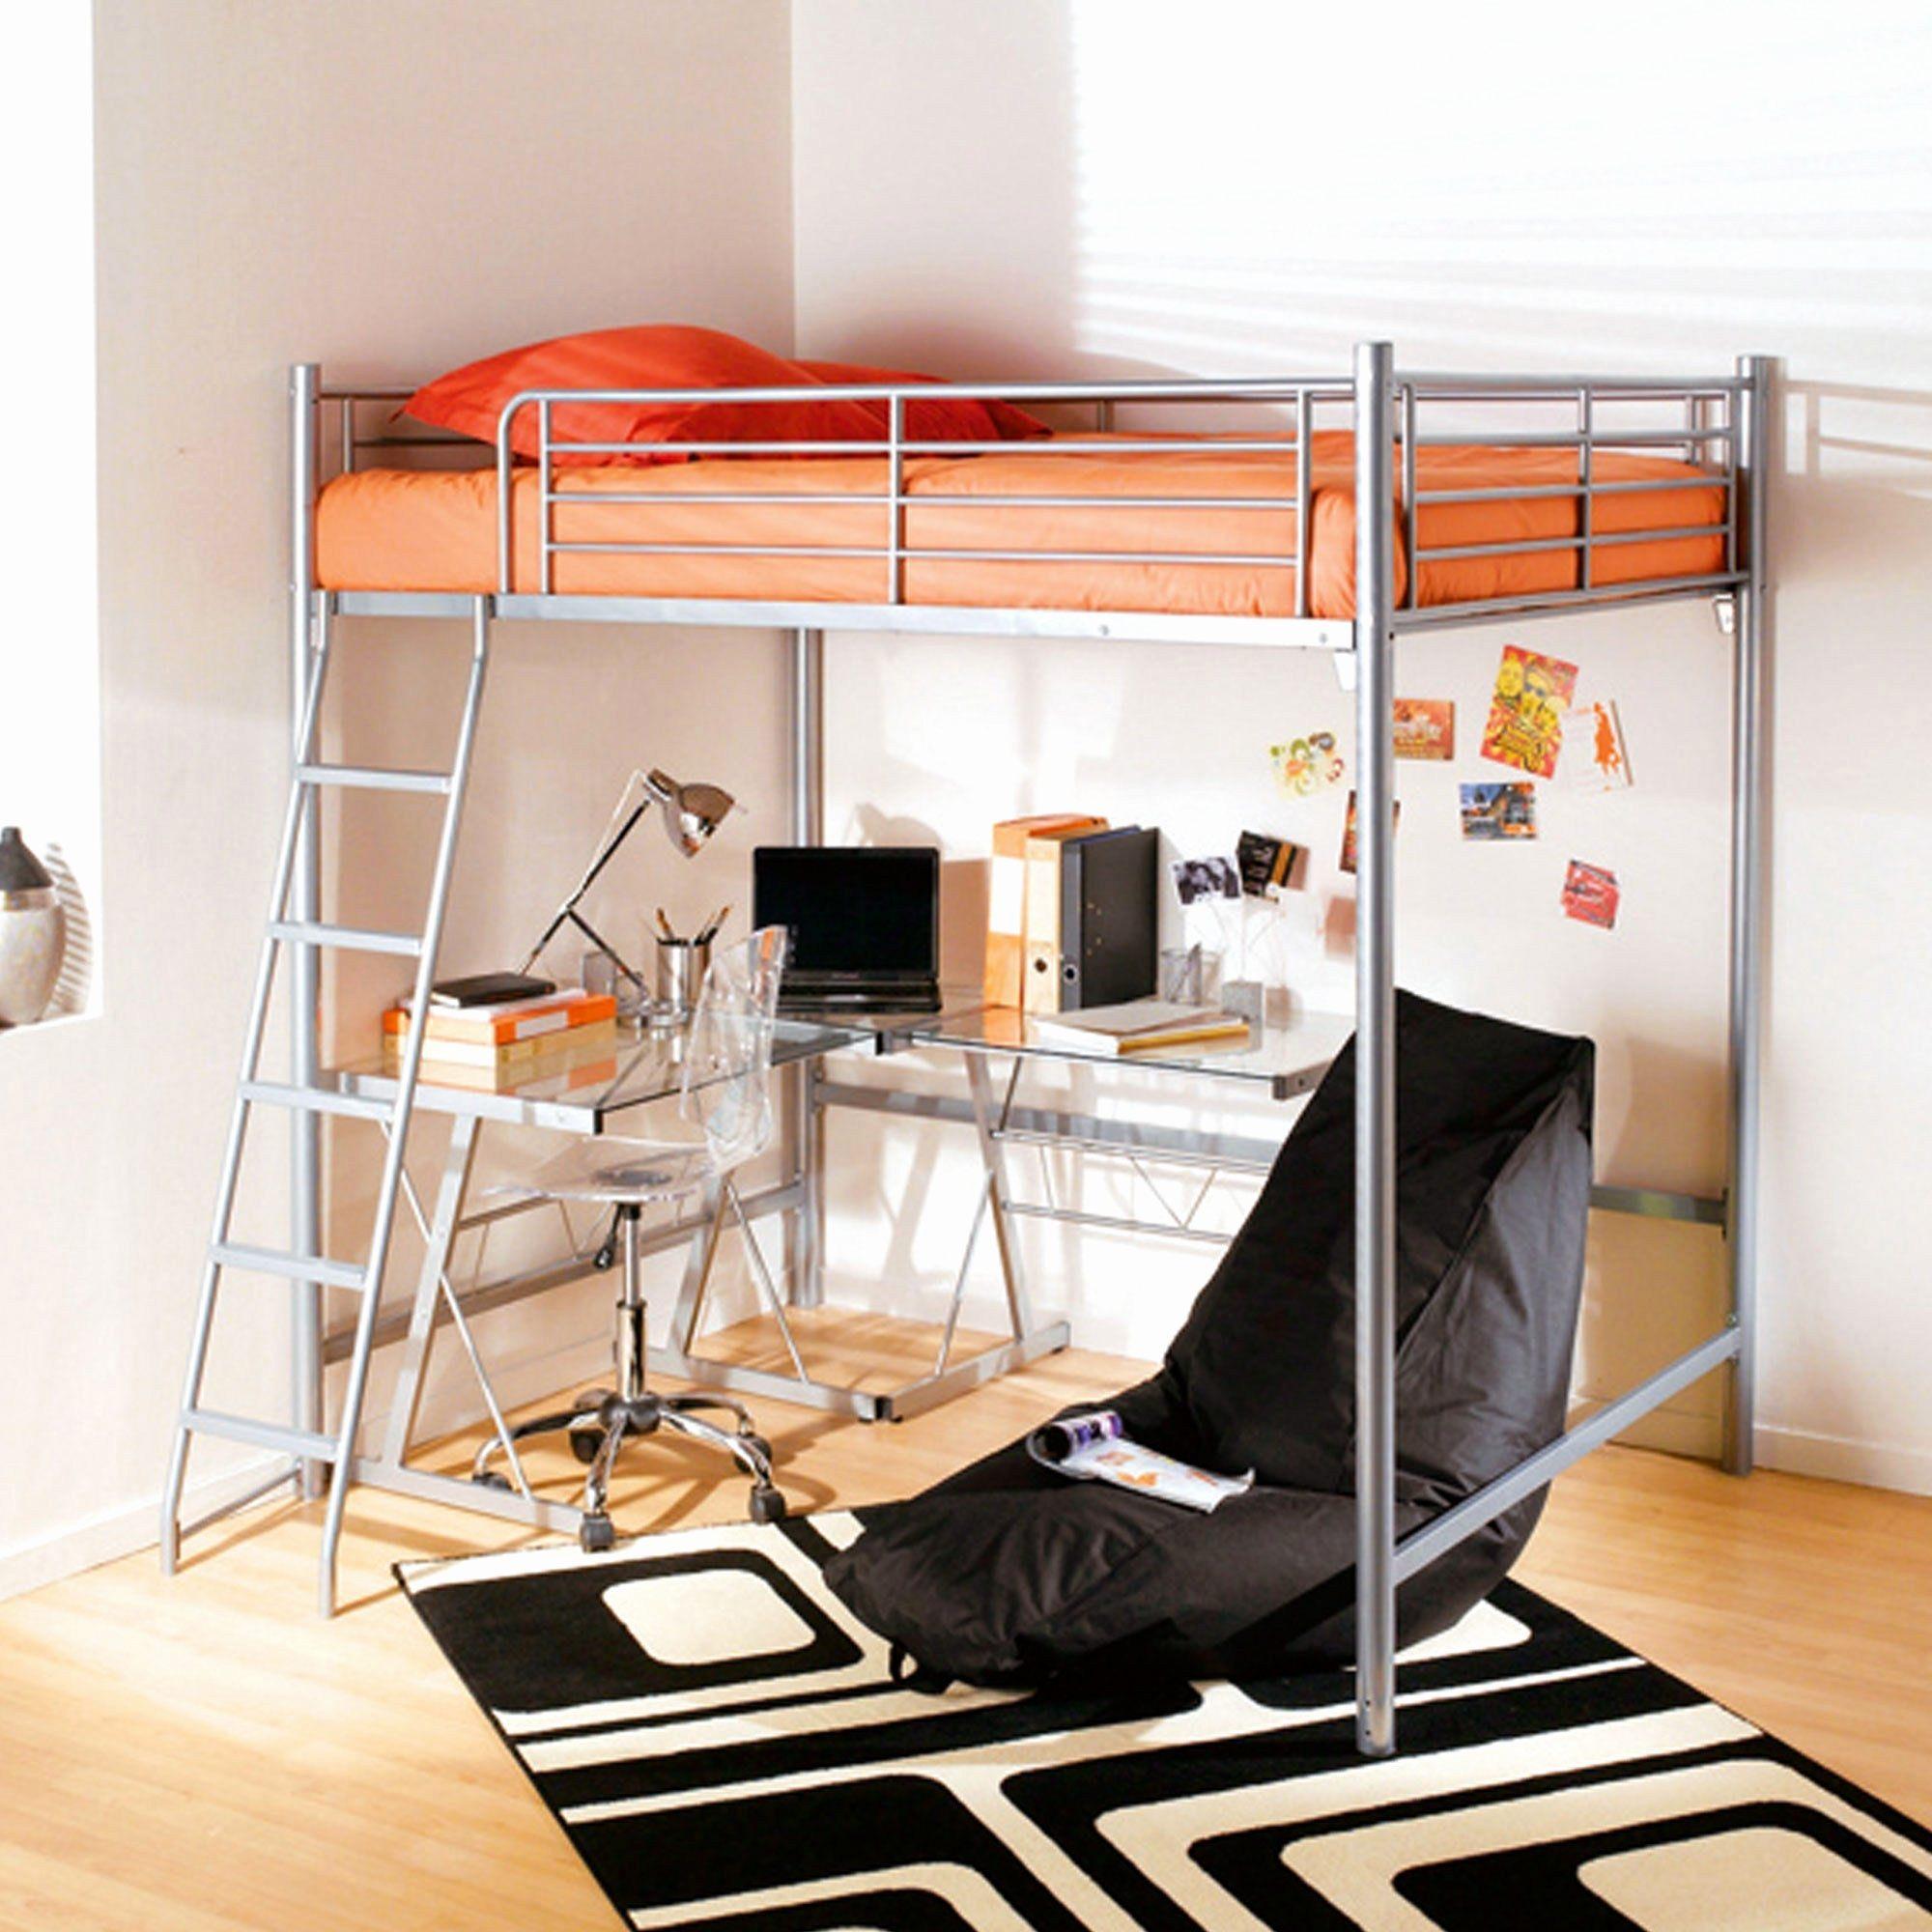 Lit Mezzanine 3 Suisses Impressionnant Lit Superpose Deux Places Nouveau Lit Mezzanine 3 Places Ikea